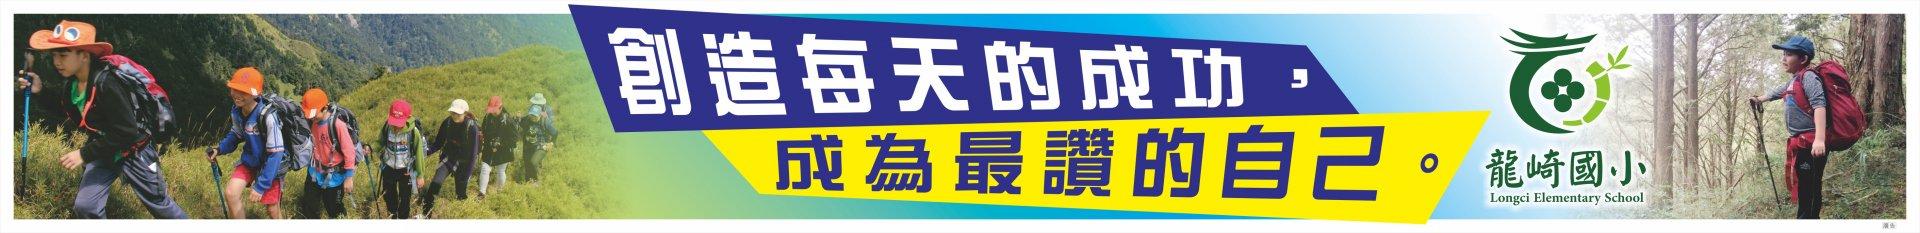 台南市龍崎國小